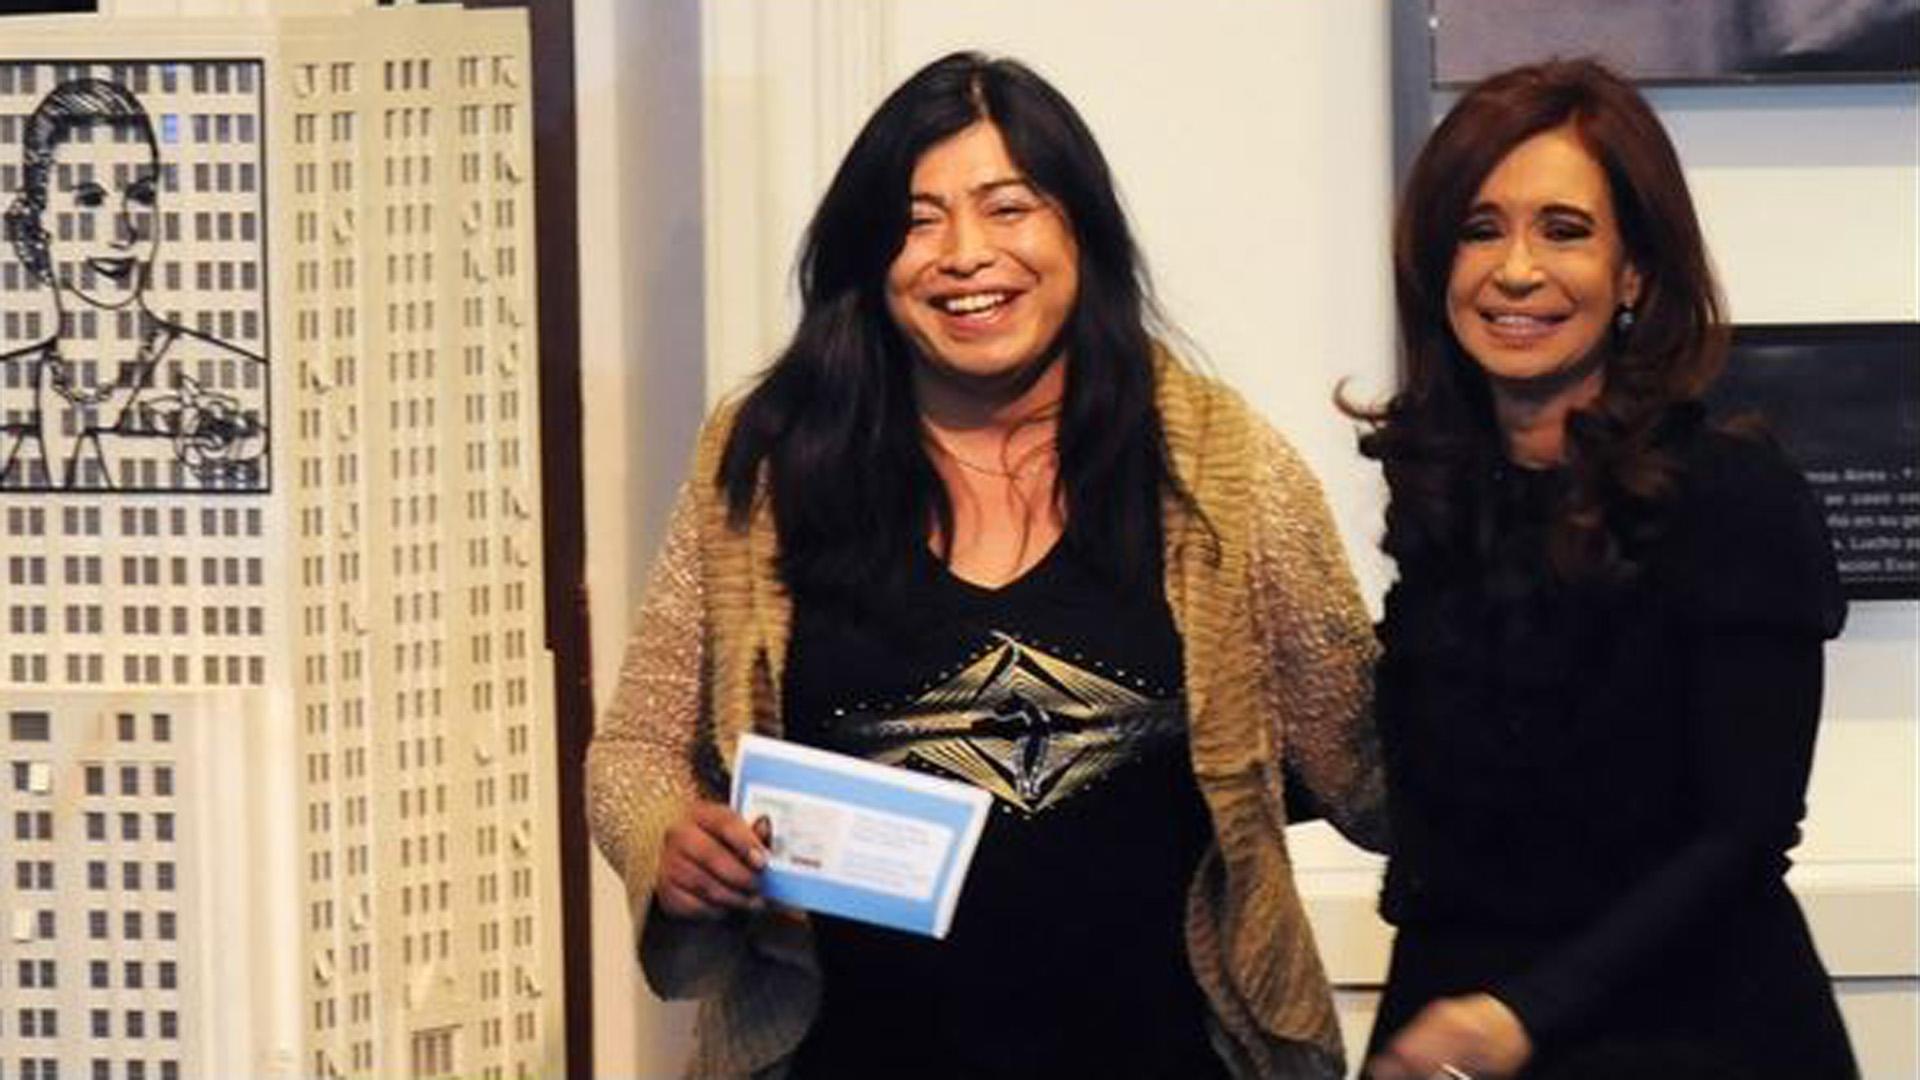 Diana Sacayán en el acto oficial donde recibió su DNI con la nueva identidad de género.